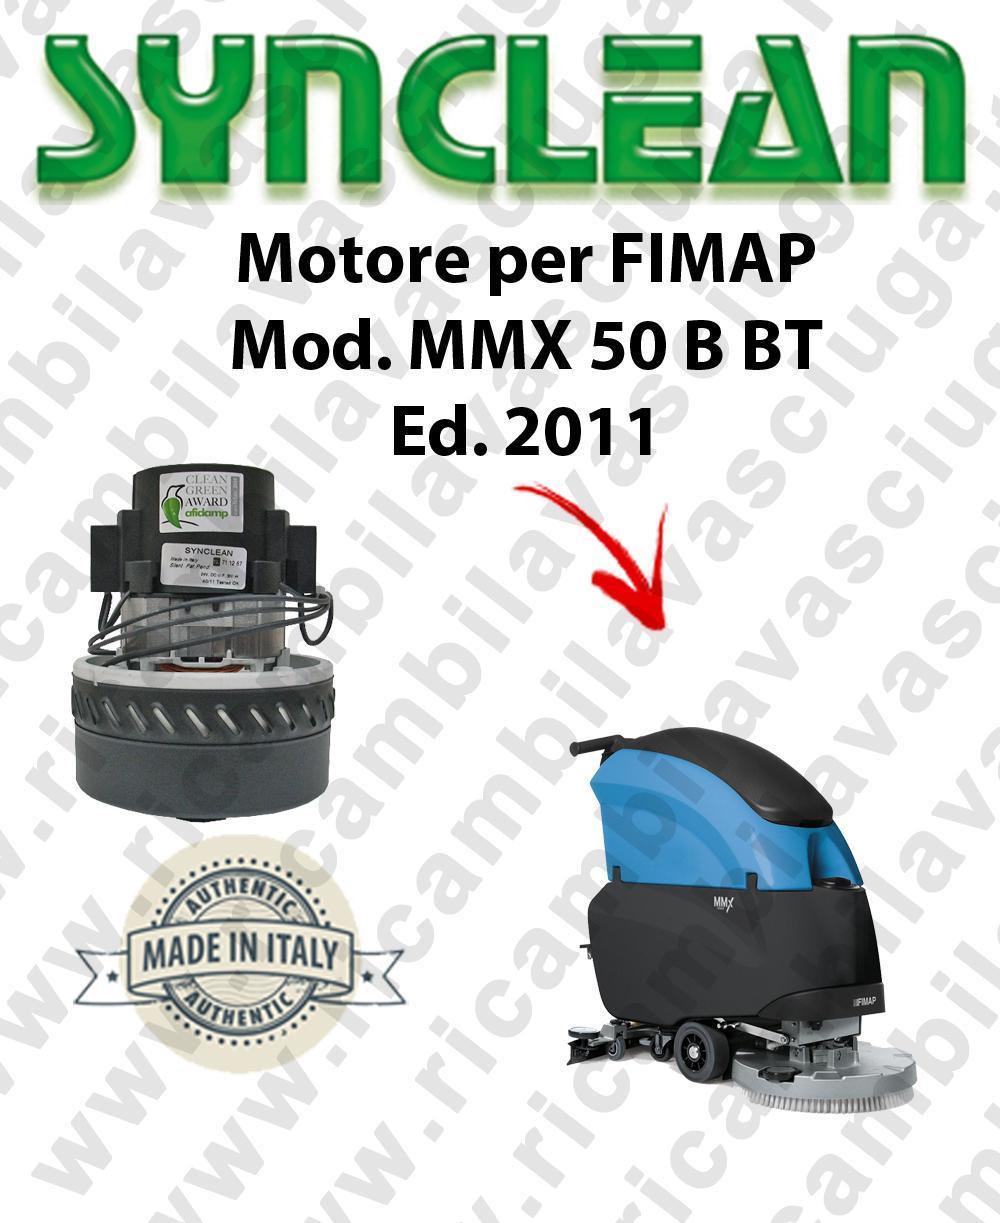 MMX 50 B-BT Ed. 2011 motor de aspiración SYNCLEAN fregadora FIMAP